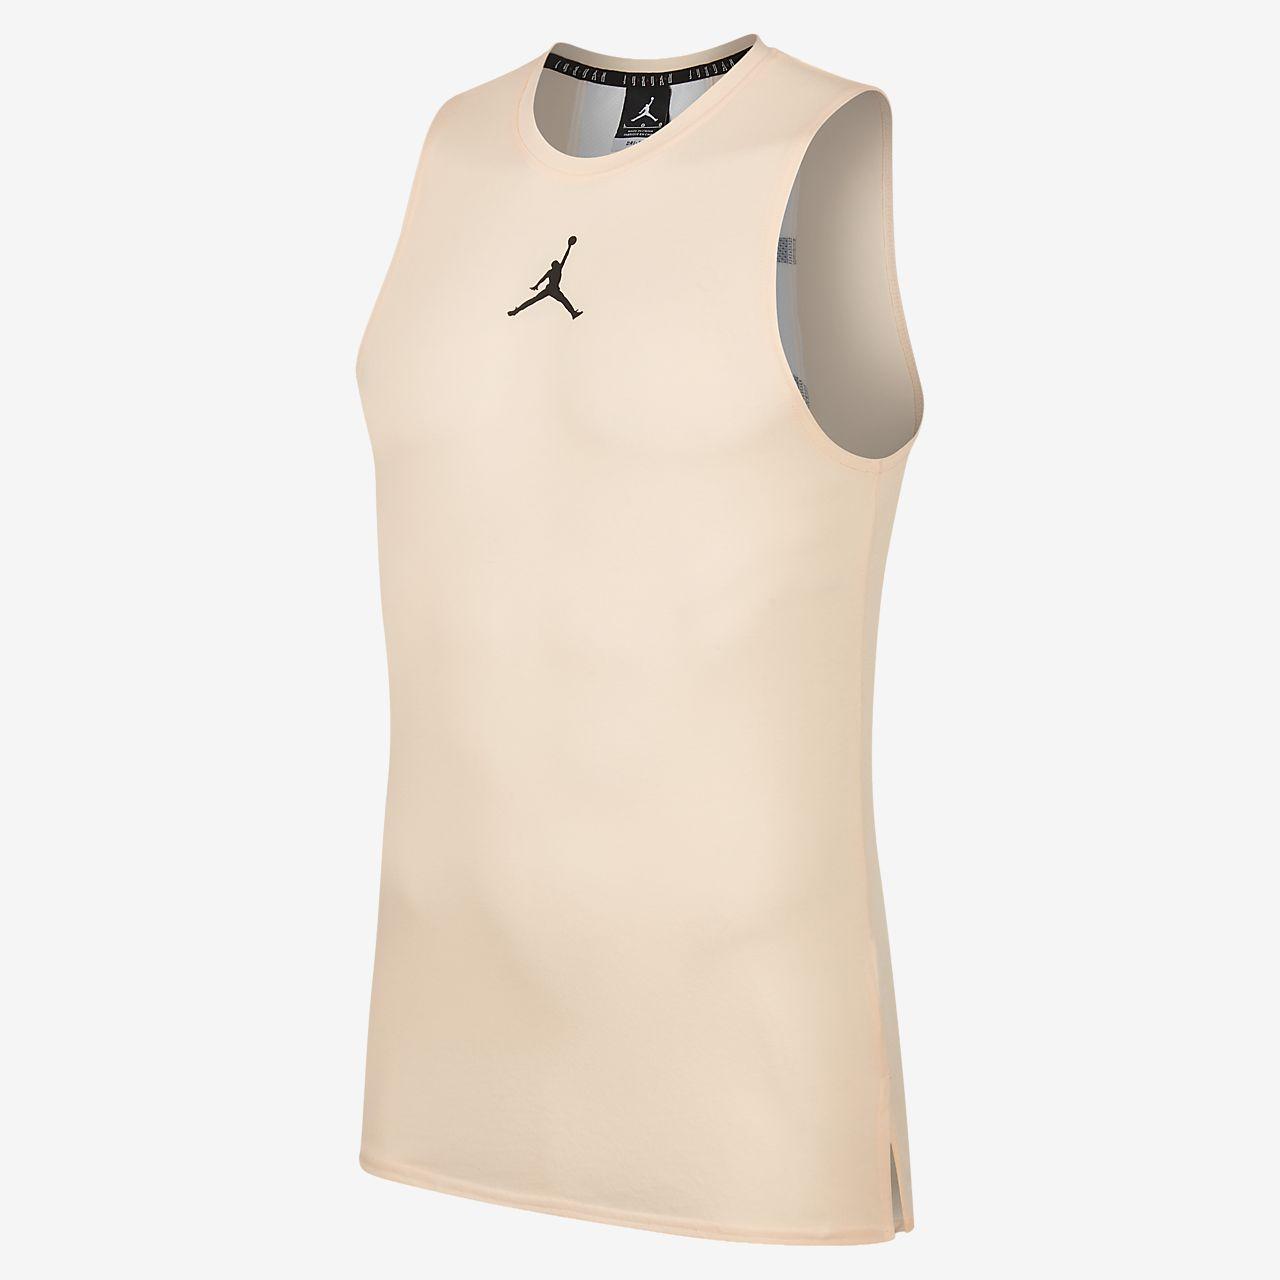 Jordan 23 Alpha Dri-FIT 男子无袖训练上衣